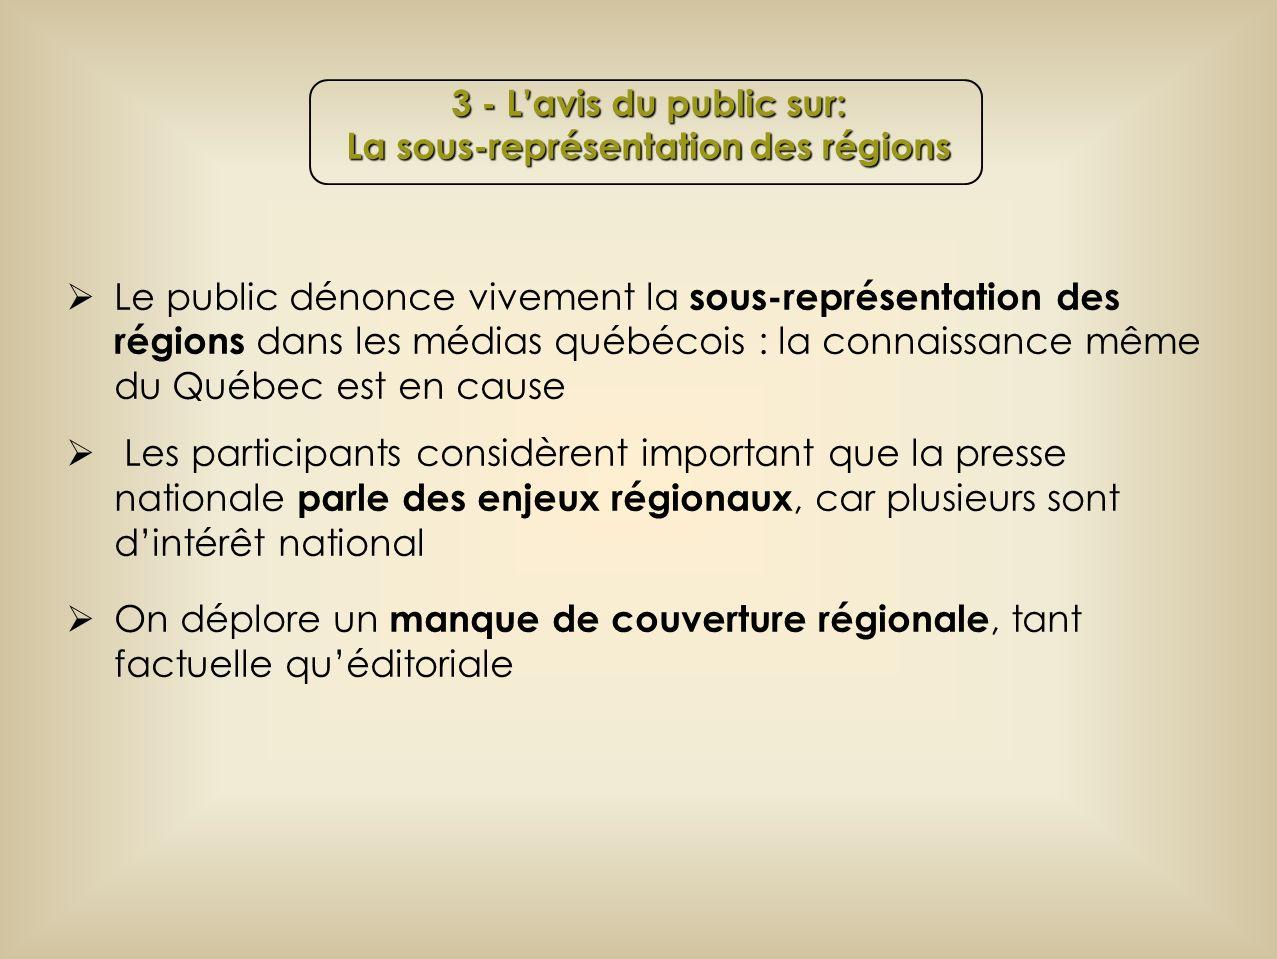 Le public dénonce vivement la sous-représentation des régions dans les médias québécois : la connaissance même du Québec est en cause Les participants